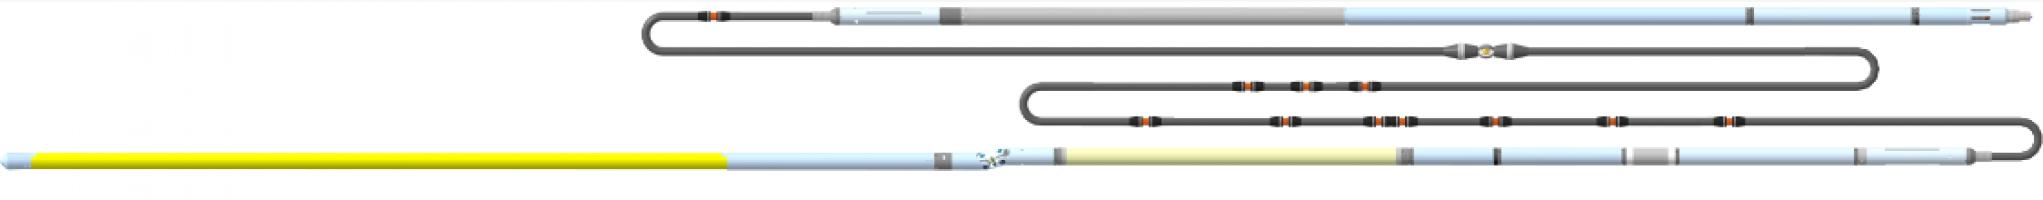 Прибор комплексный для каротажа бурящихся скважин в открытом стволе К7А-723-МН(К8)